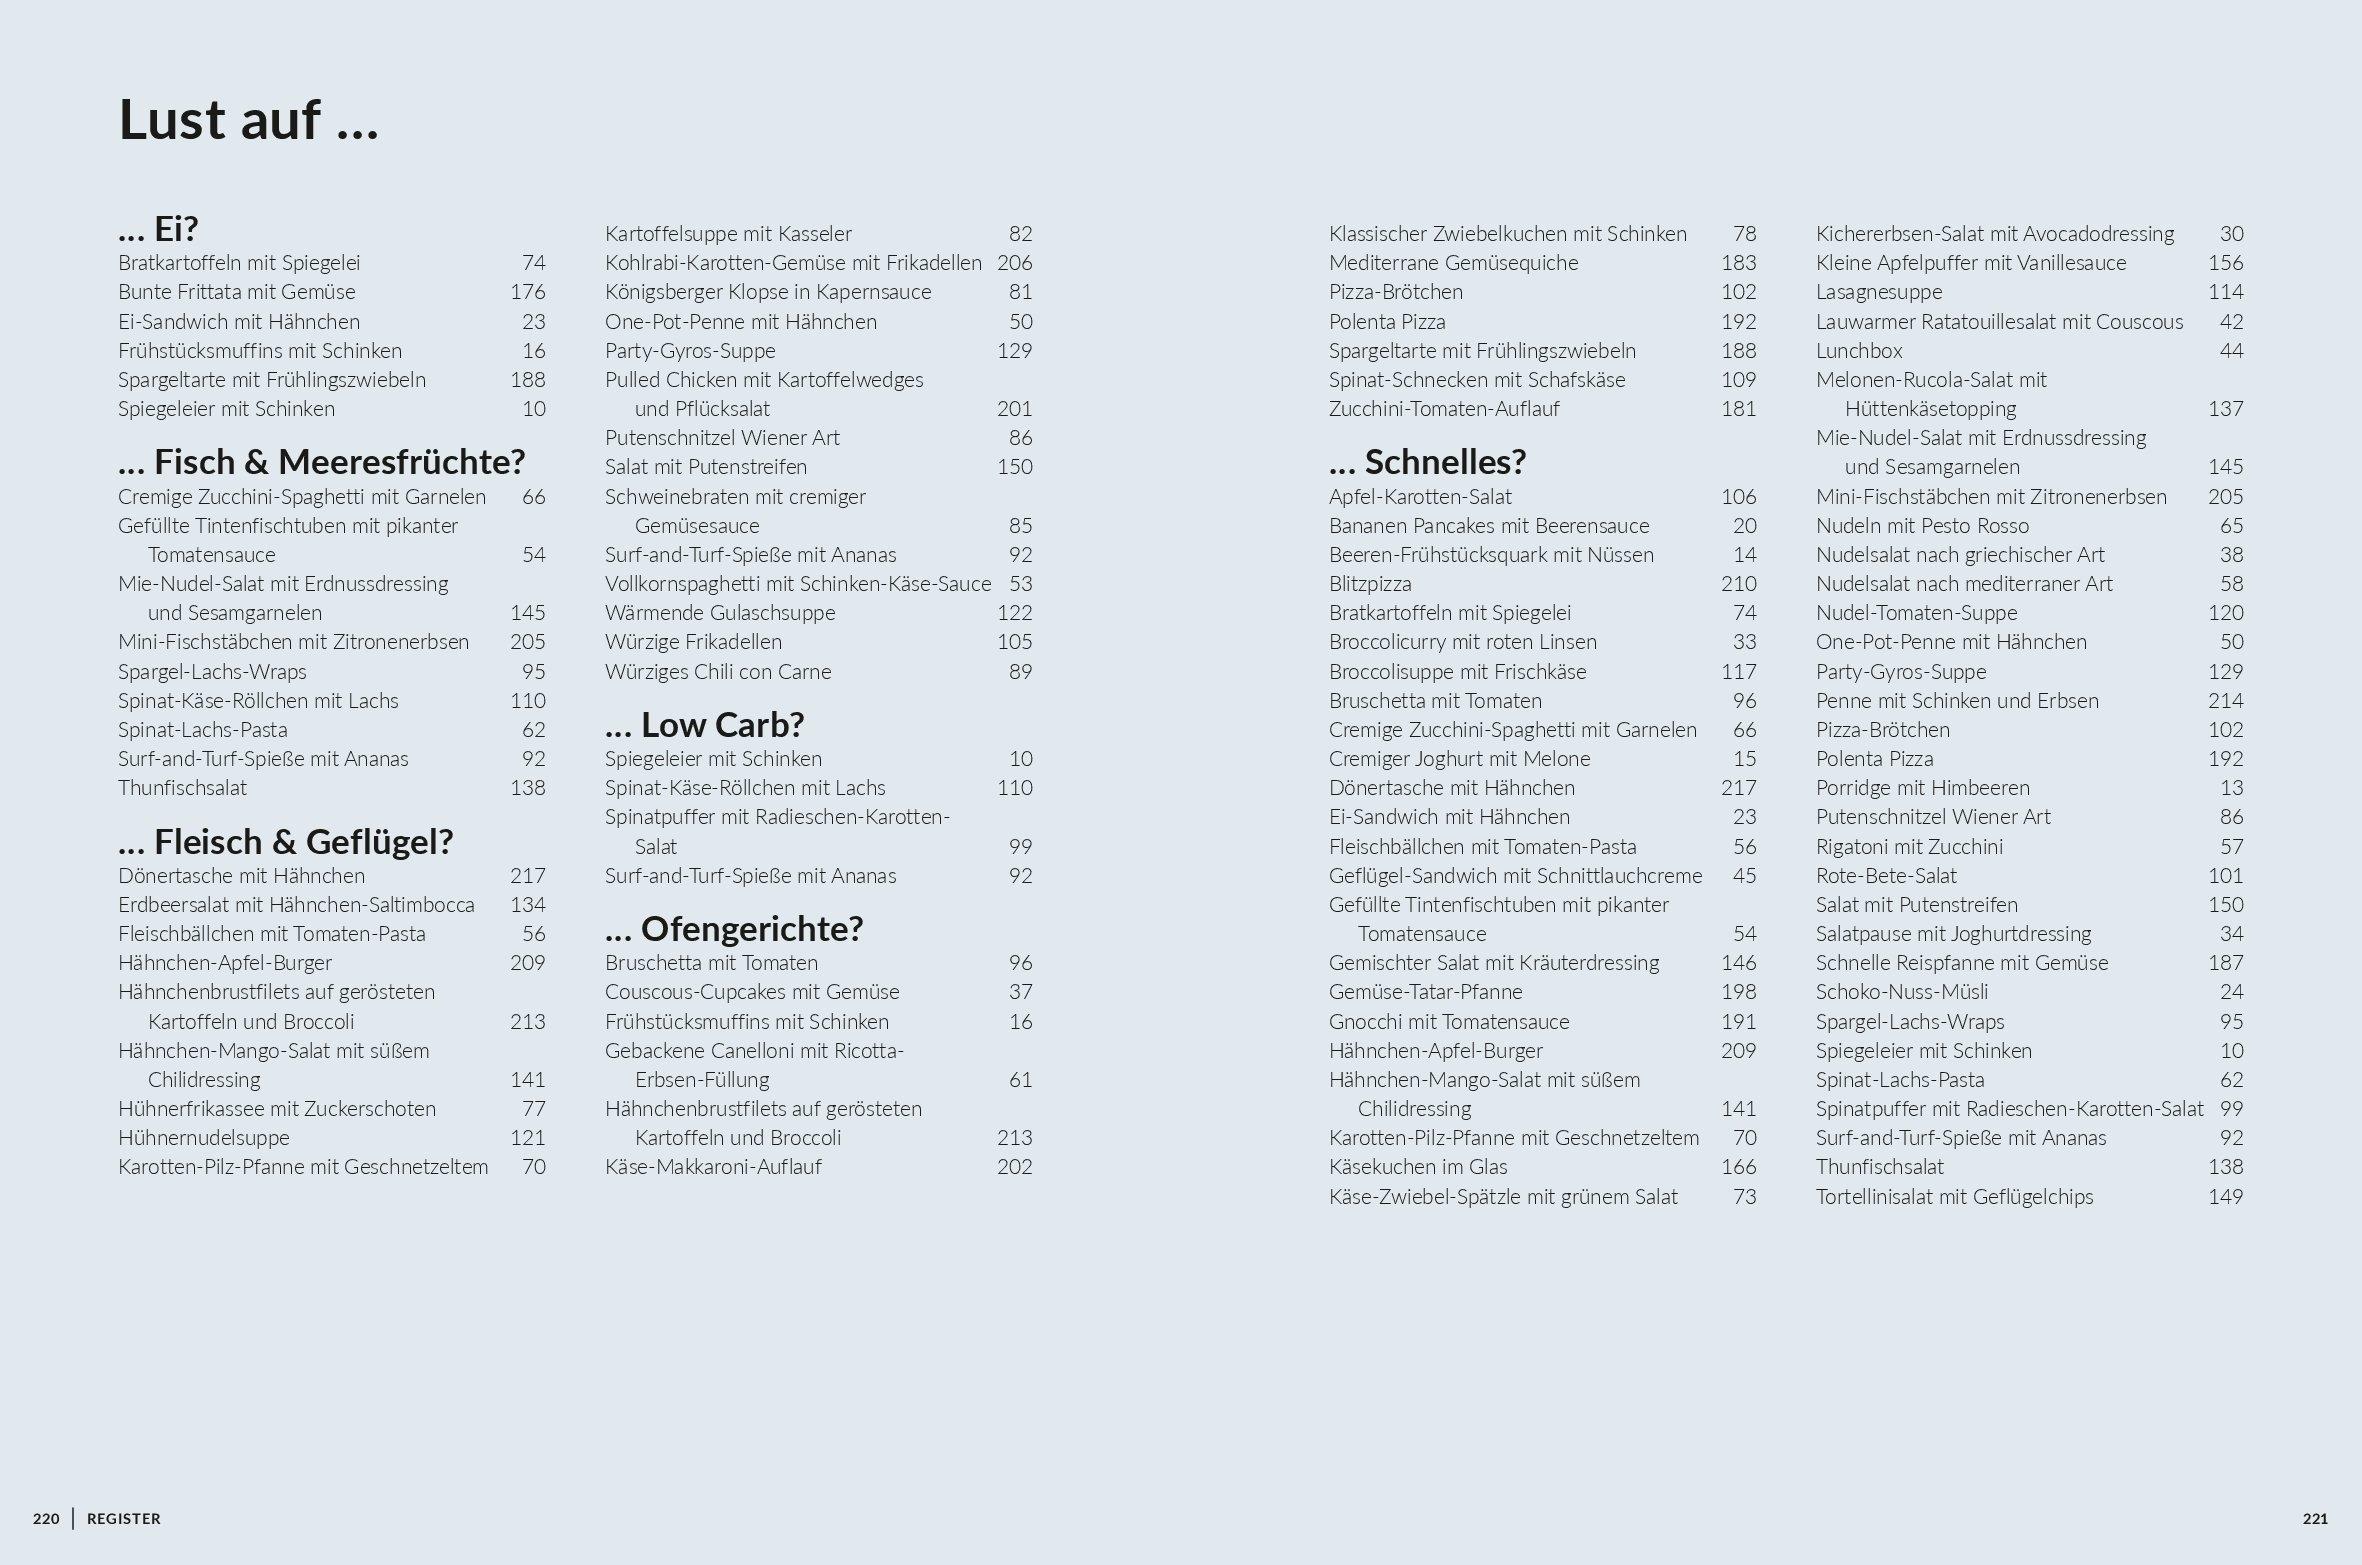 Liste smartpoints weight watchers pdf